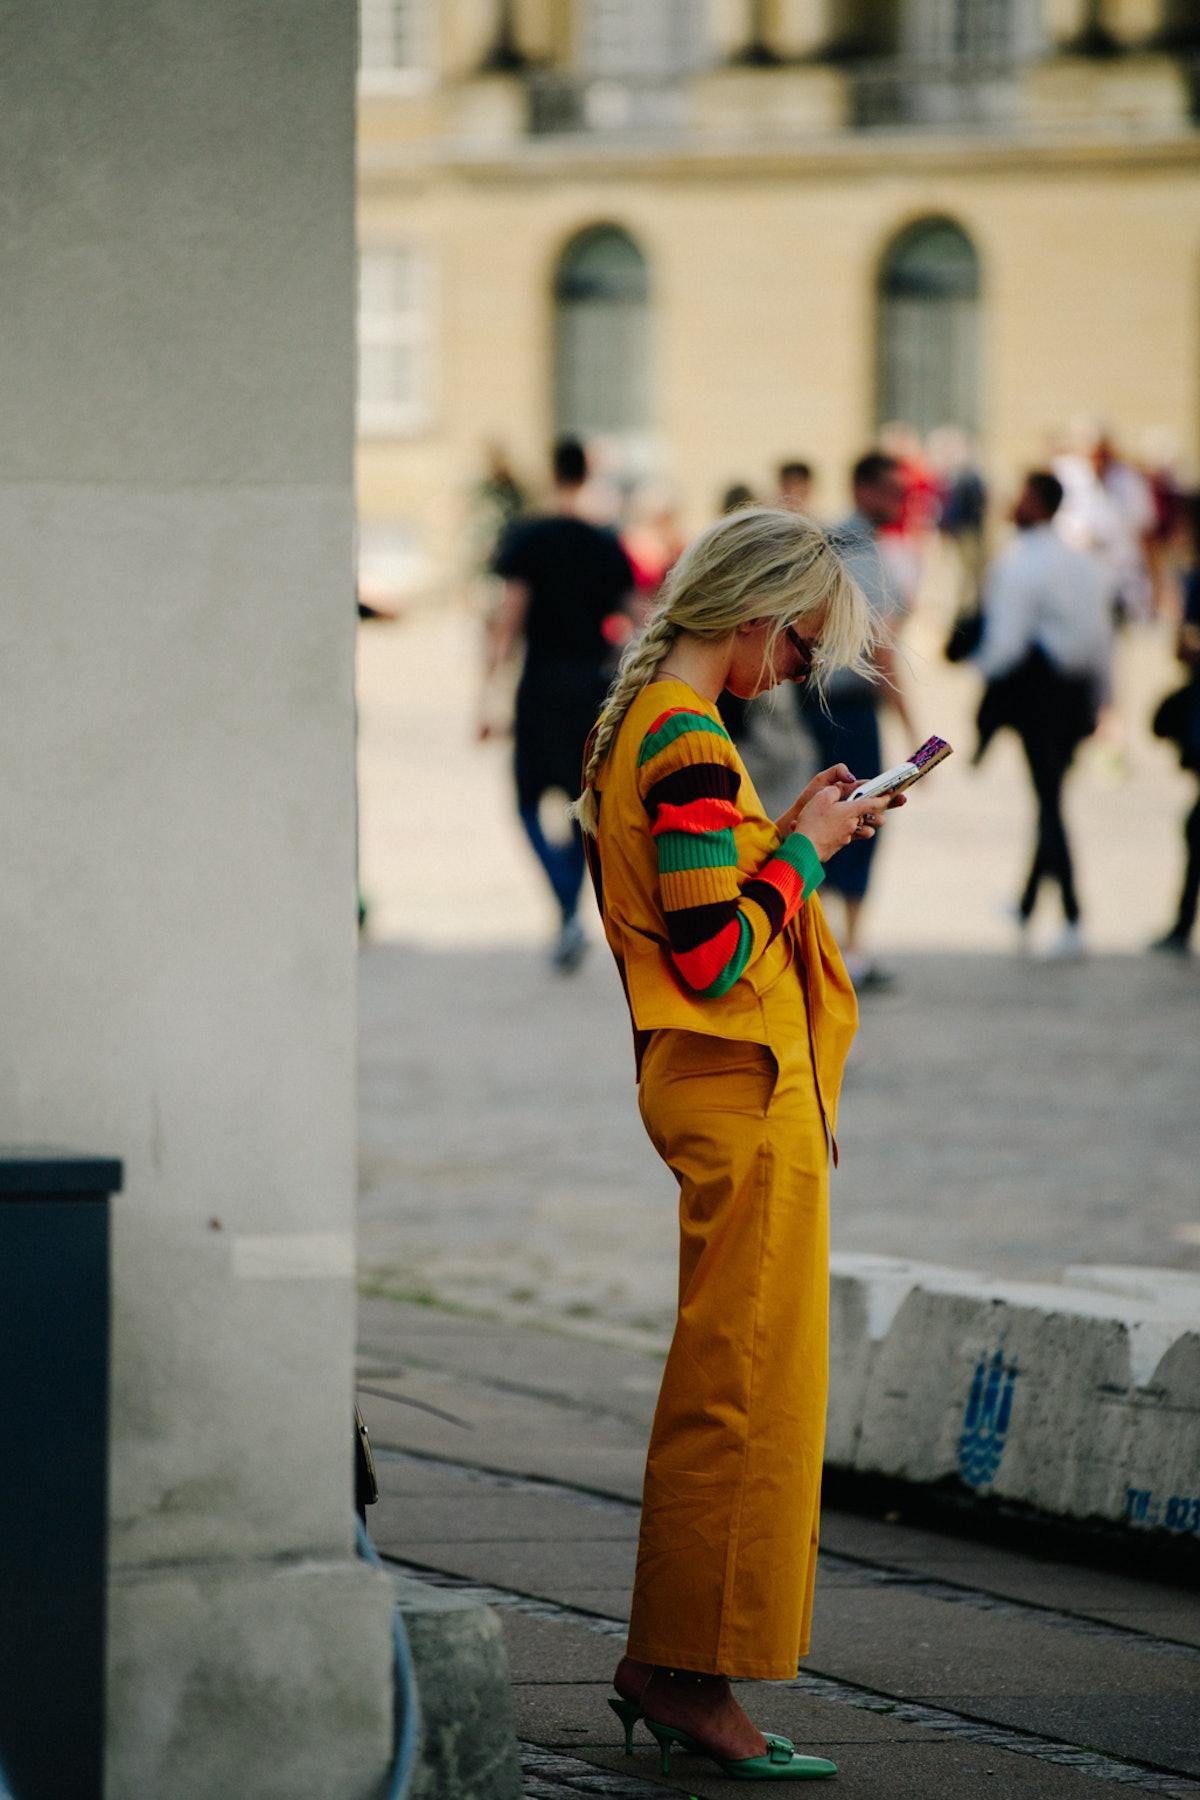 Adam-Katz-Sinding-W-Magazine-Copenhagen-Fashion-Week-Spring-Summer-2020_AKS0961.jpg